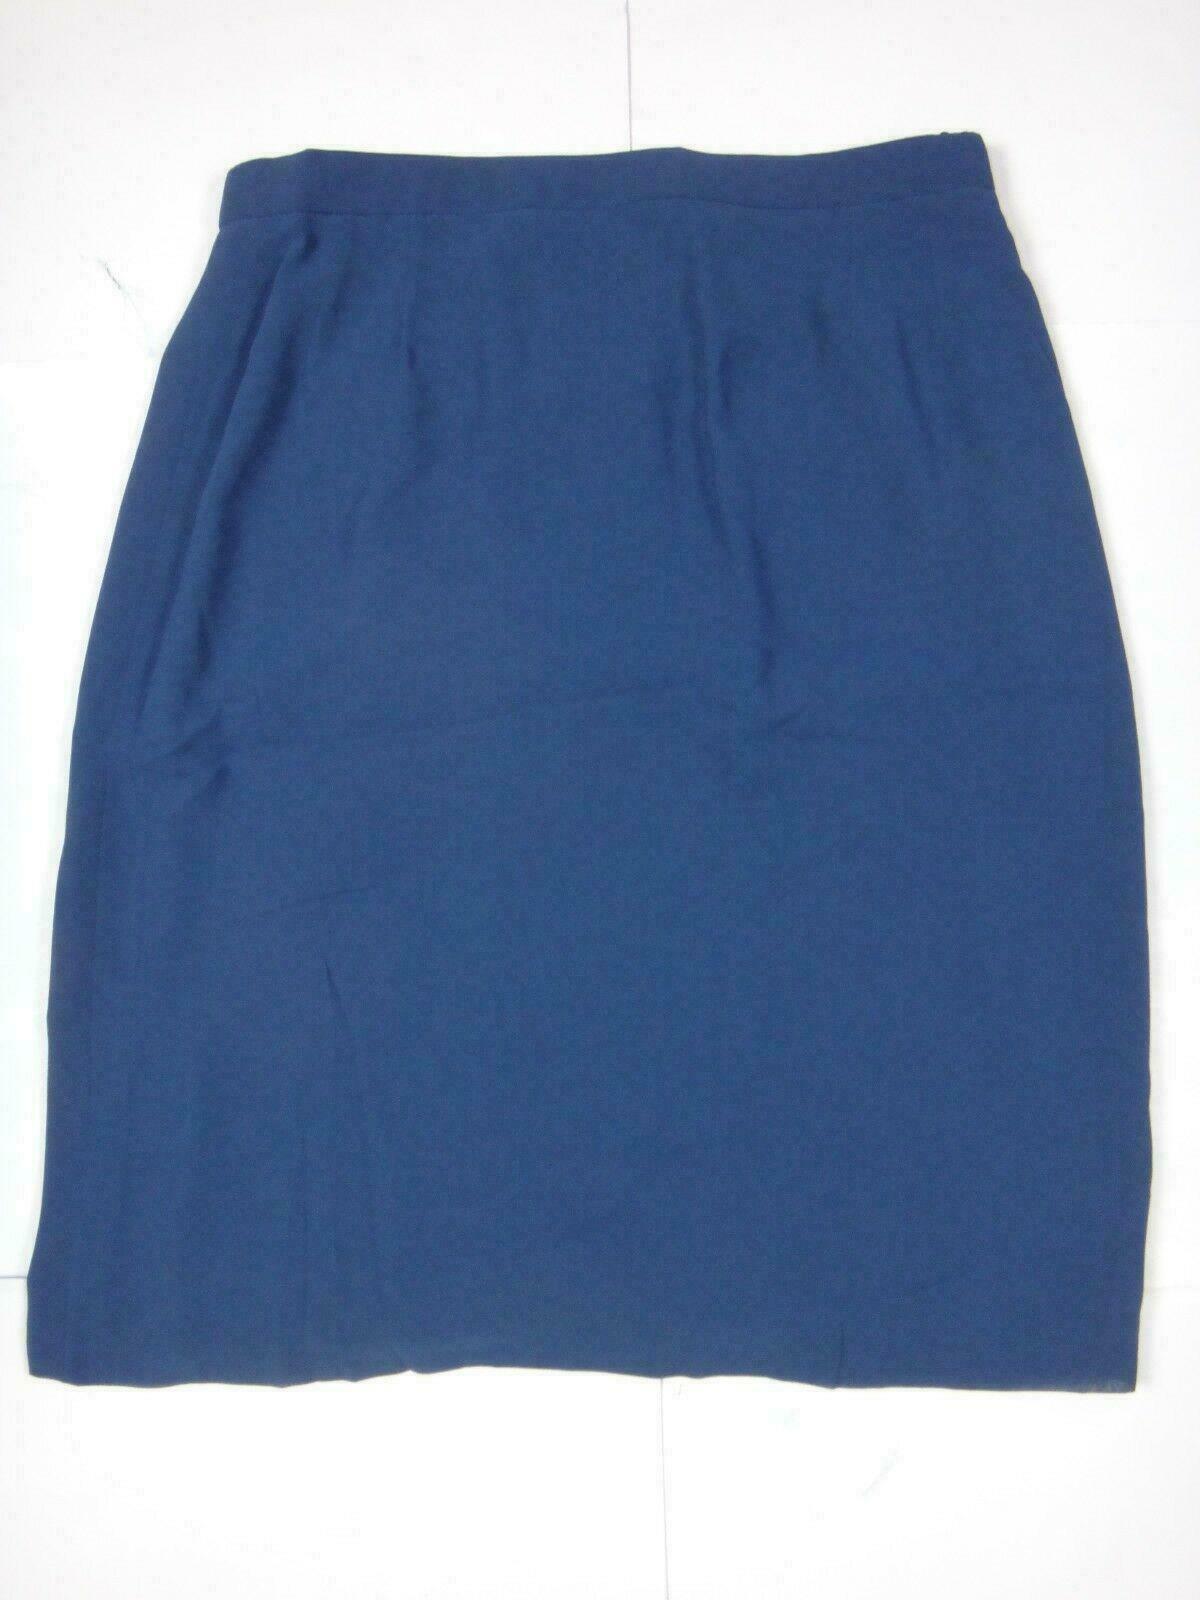 12632 Damen Rock Alexander Gr. 42 dunkelblau